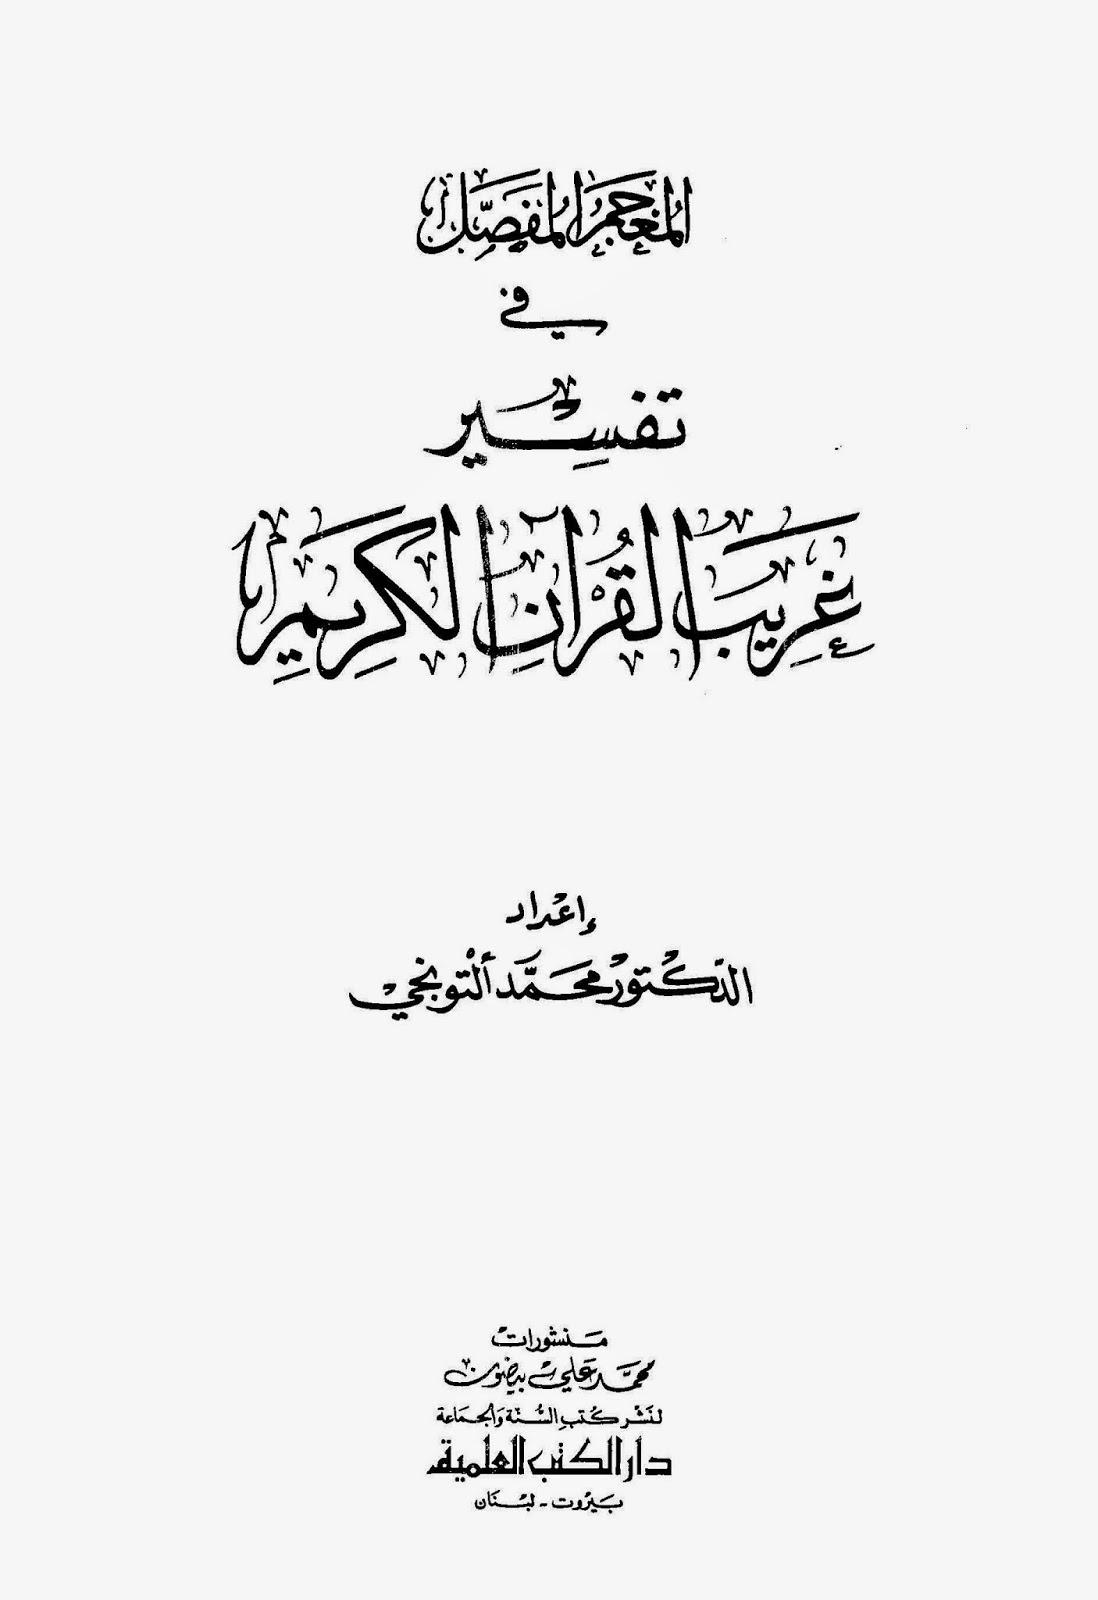 المعجم المفصل في تفسير غريب القرآن الكريم لـ محمد التونجي